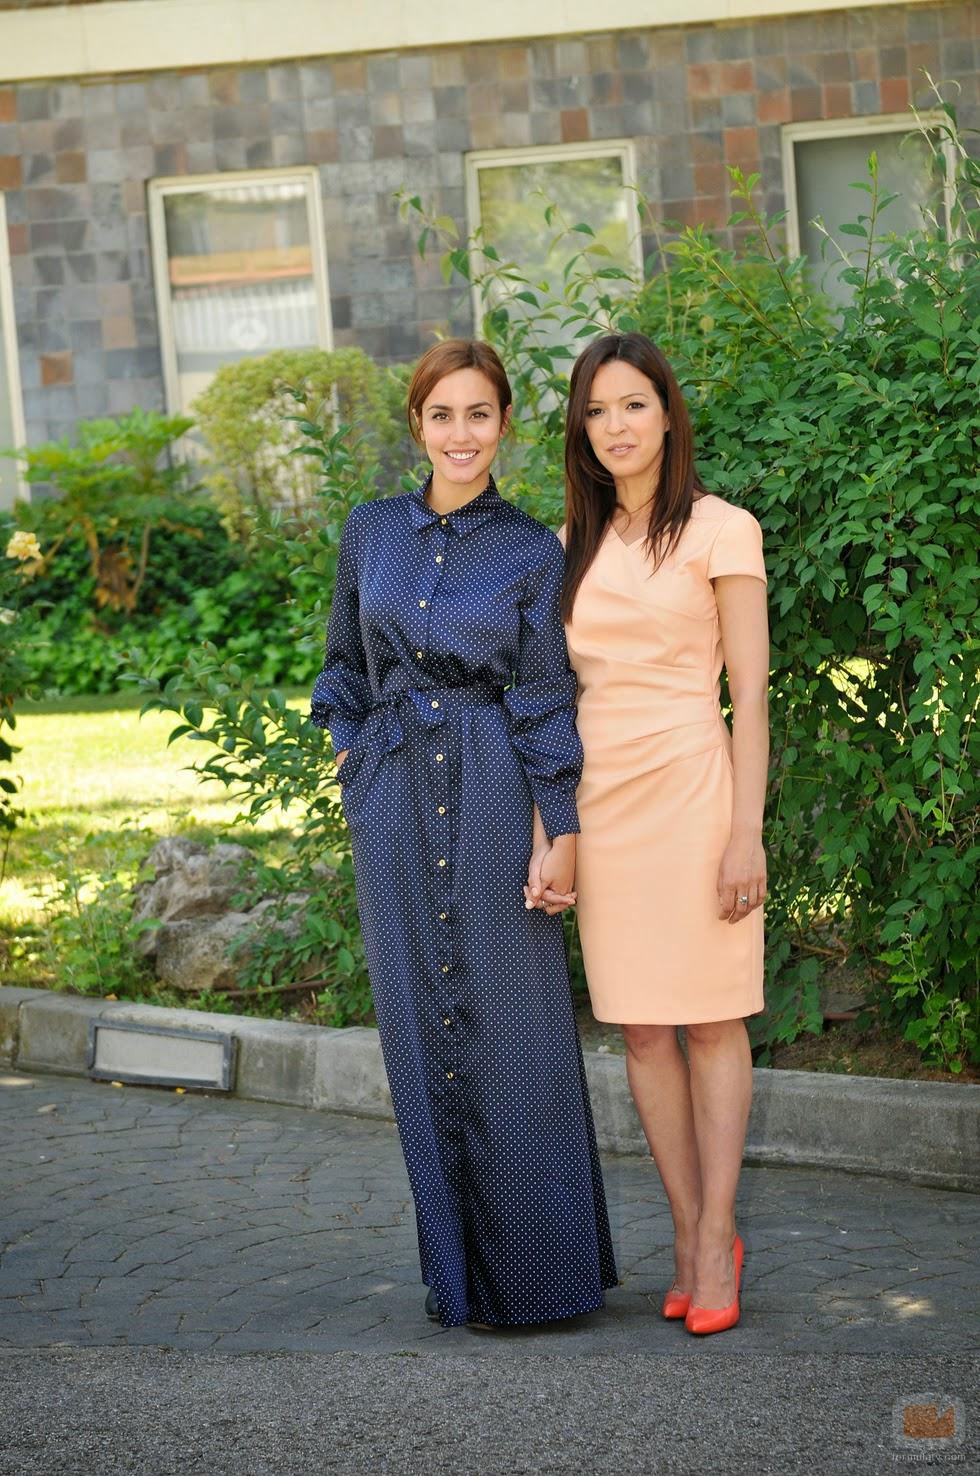 ¿Cuánto mide Verónica Sánchez? Megan+Montaner+y+Veronica+Sanchez